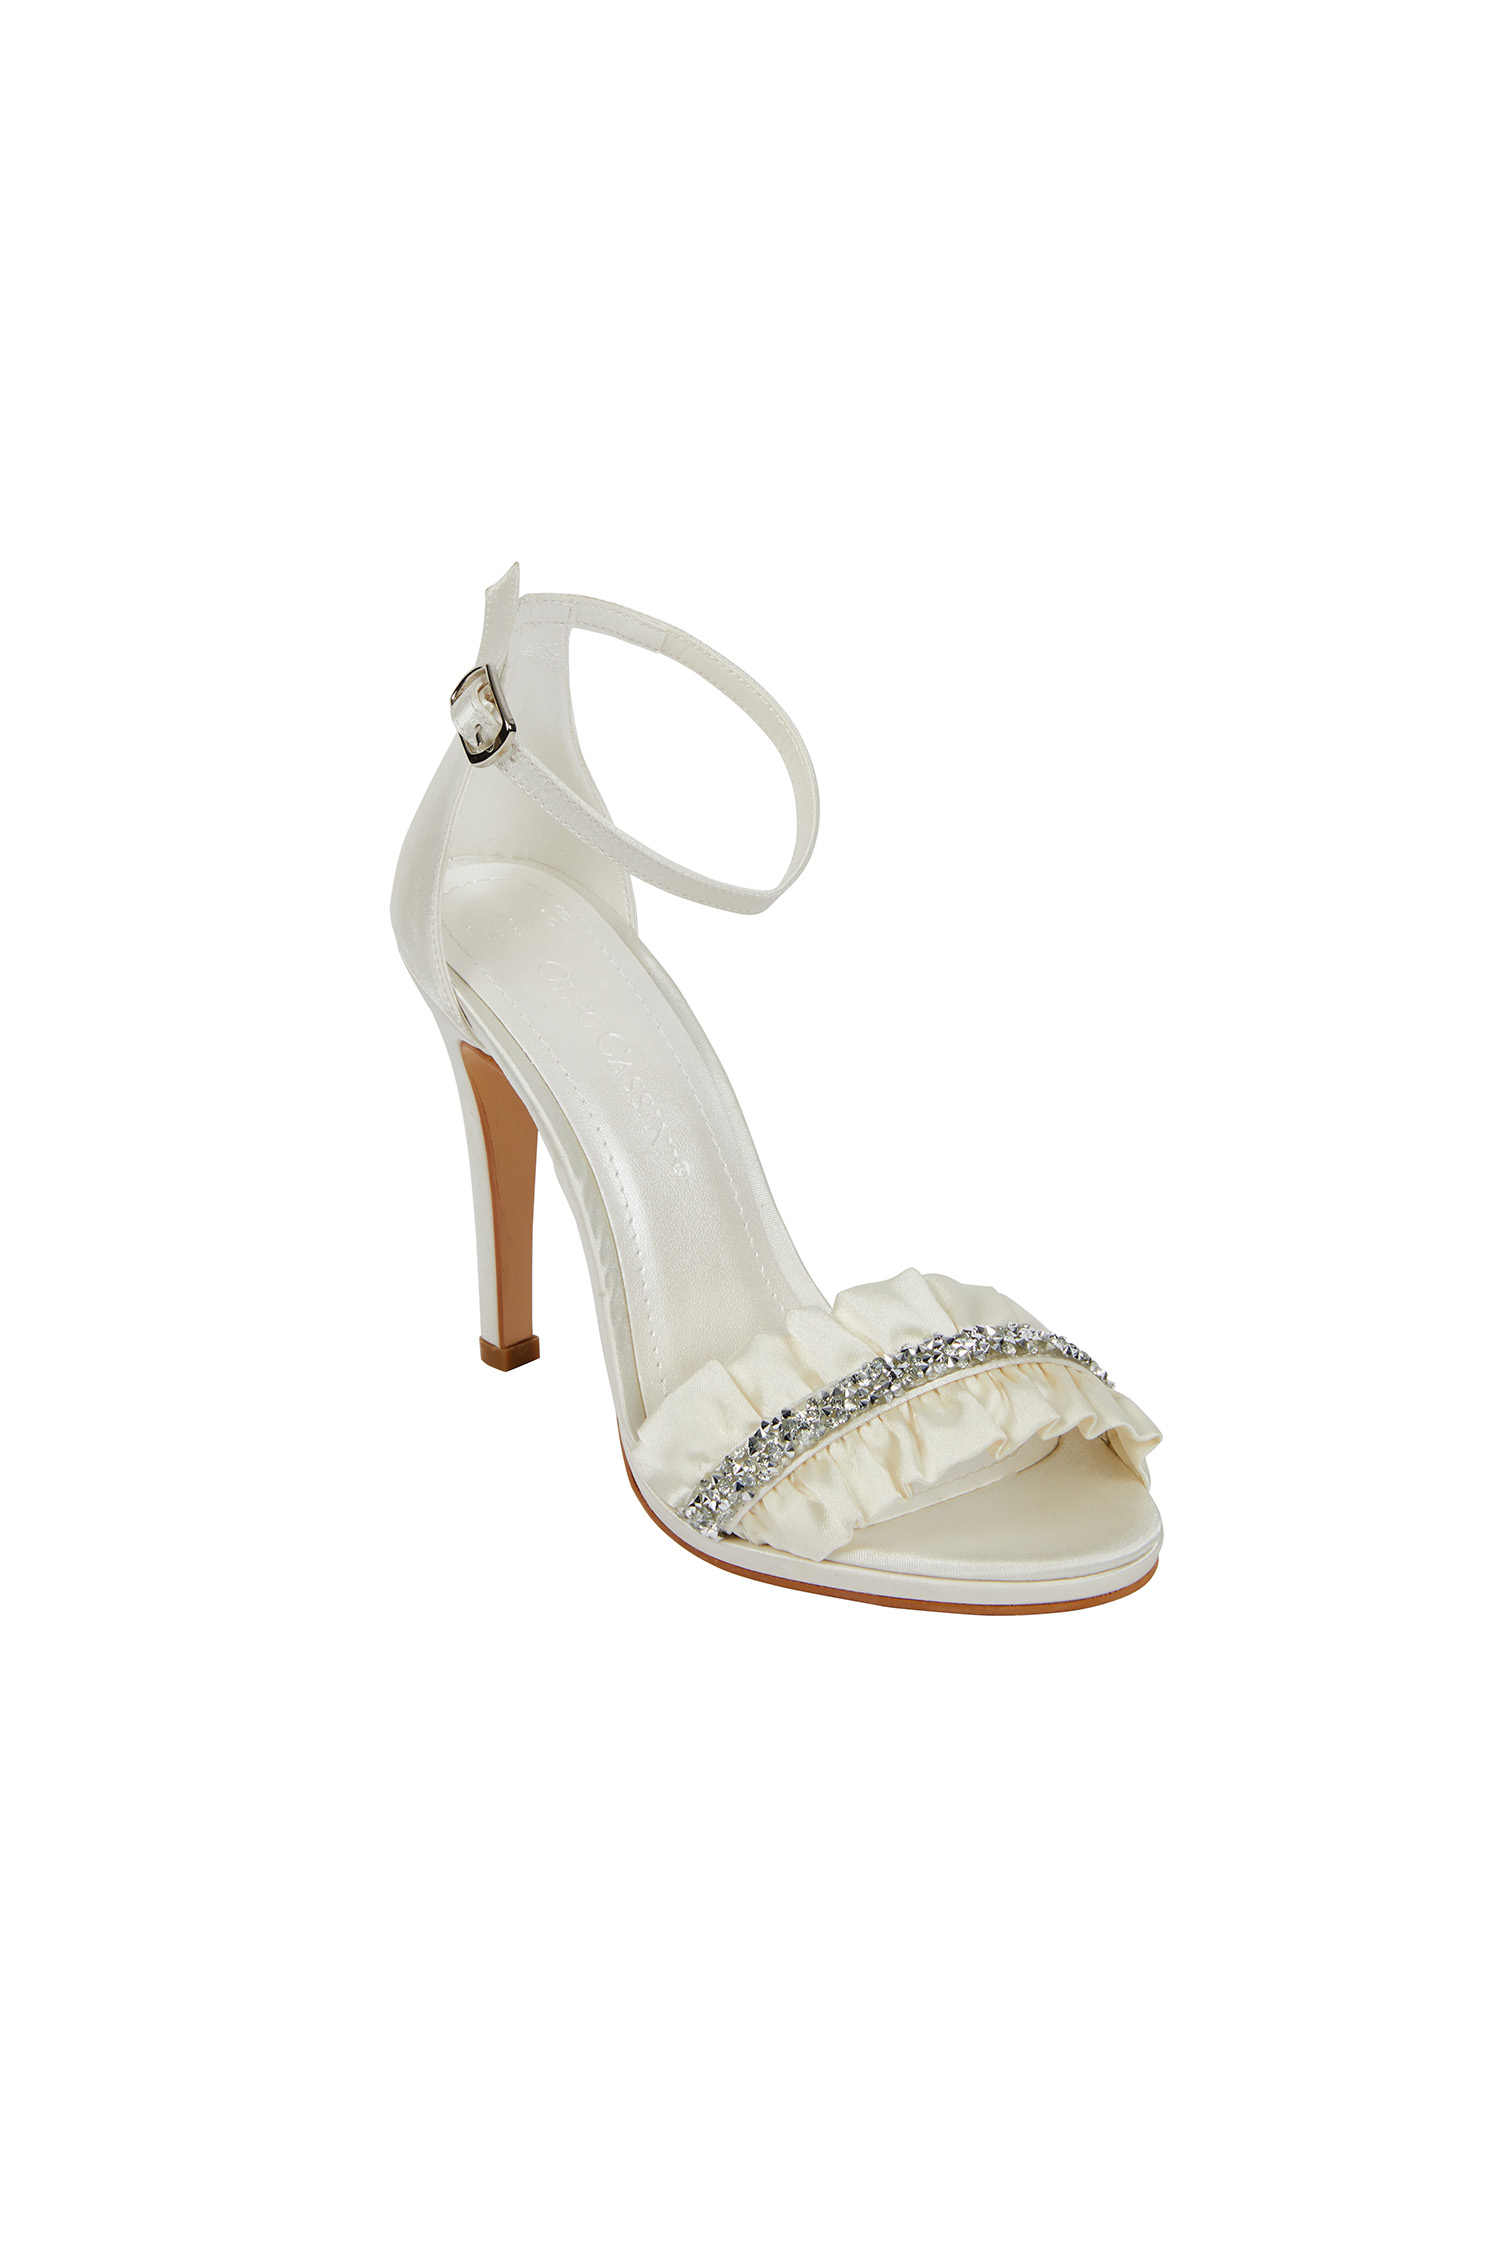 Taş İşleme Detaylı Kırık Beyaz Gelin Ayakkabısı